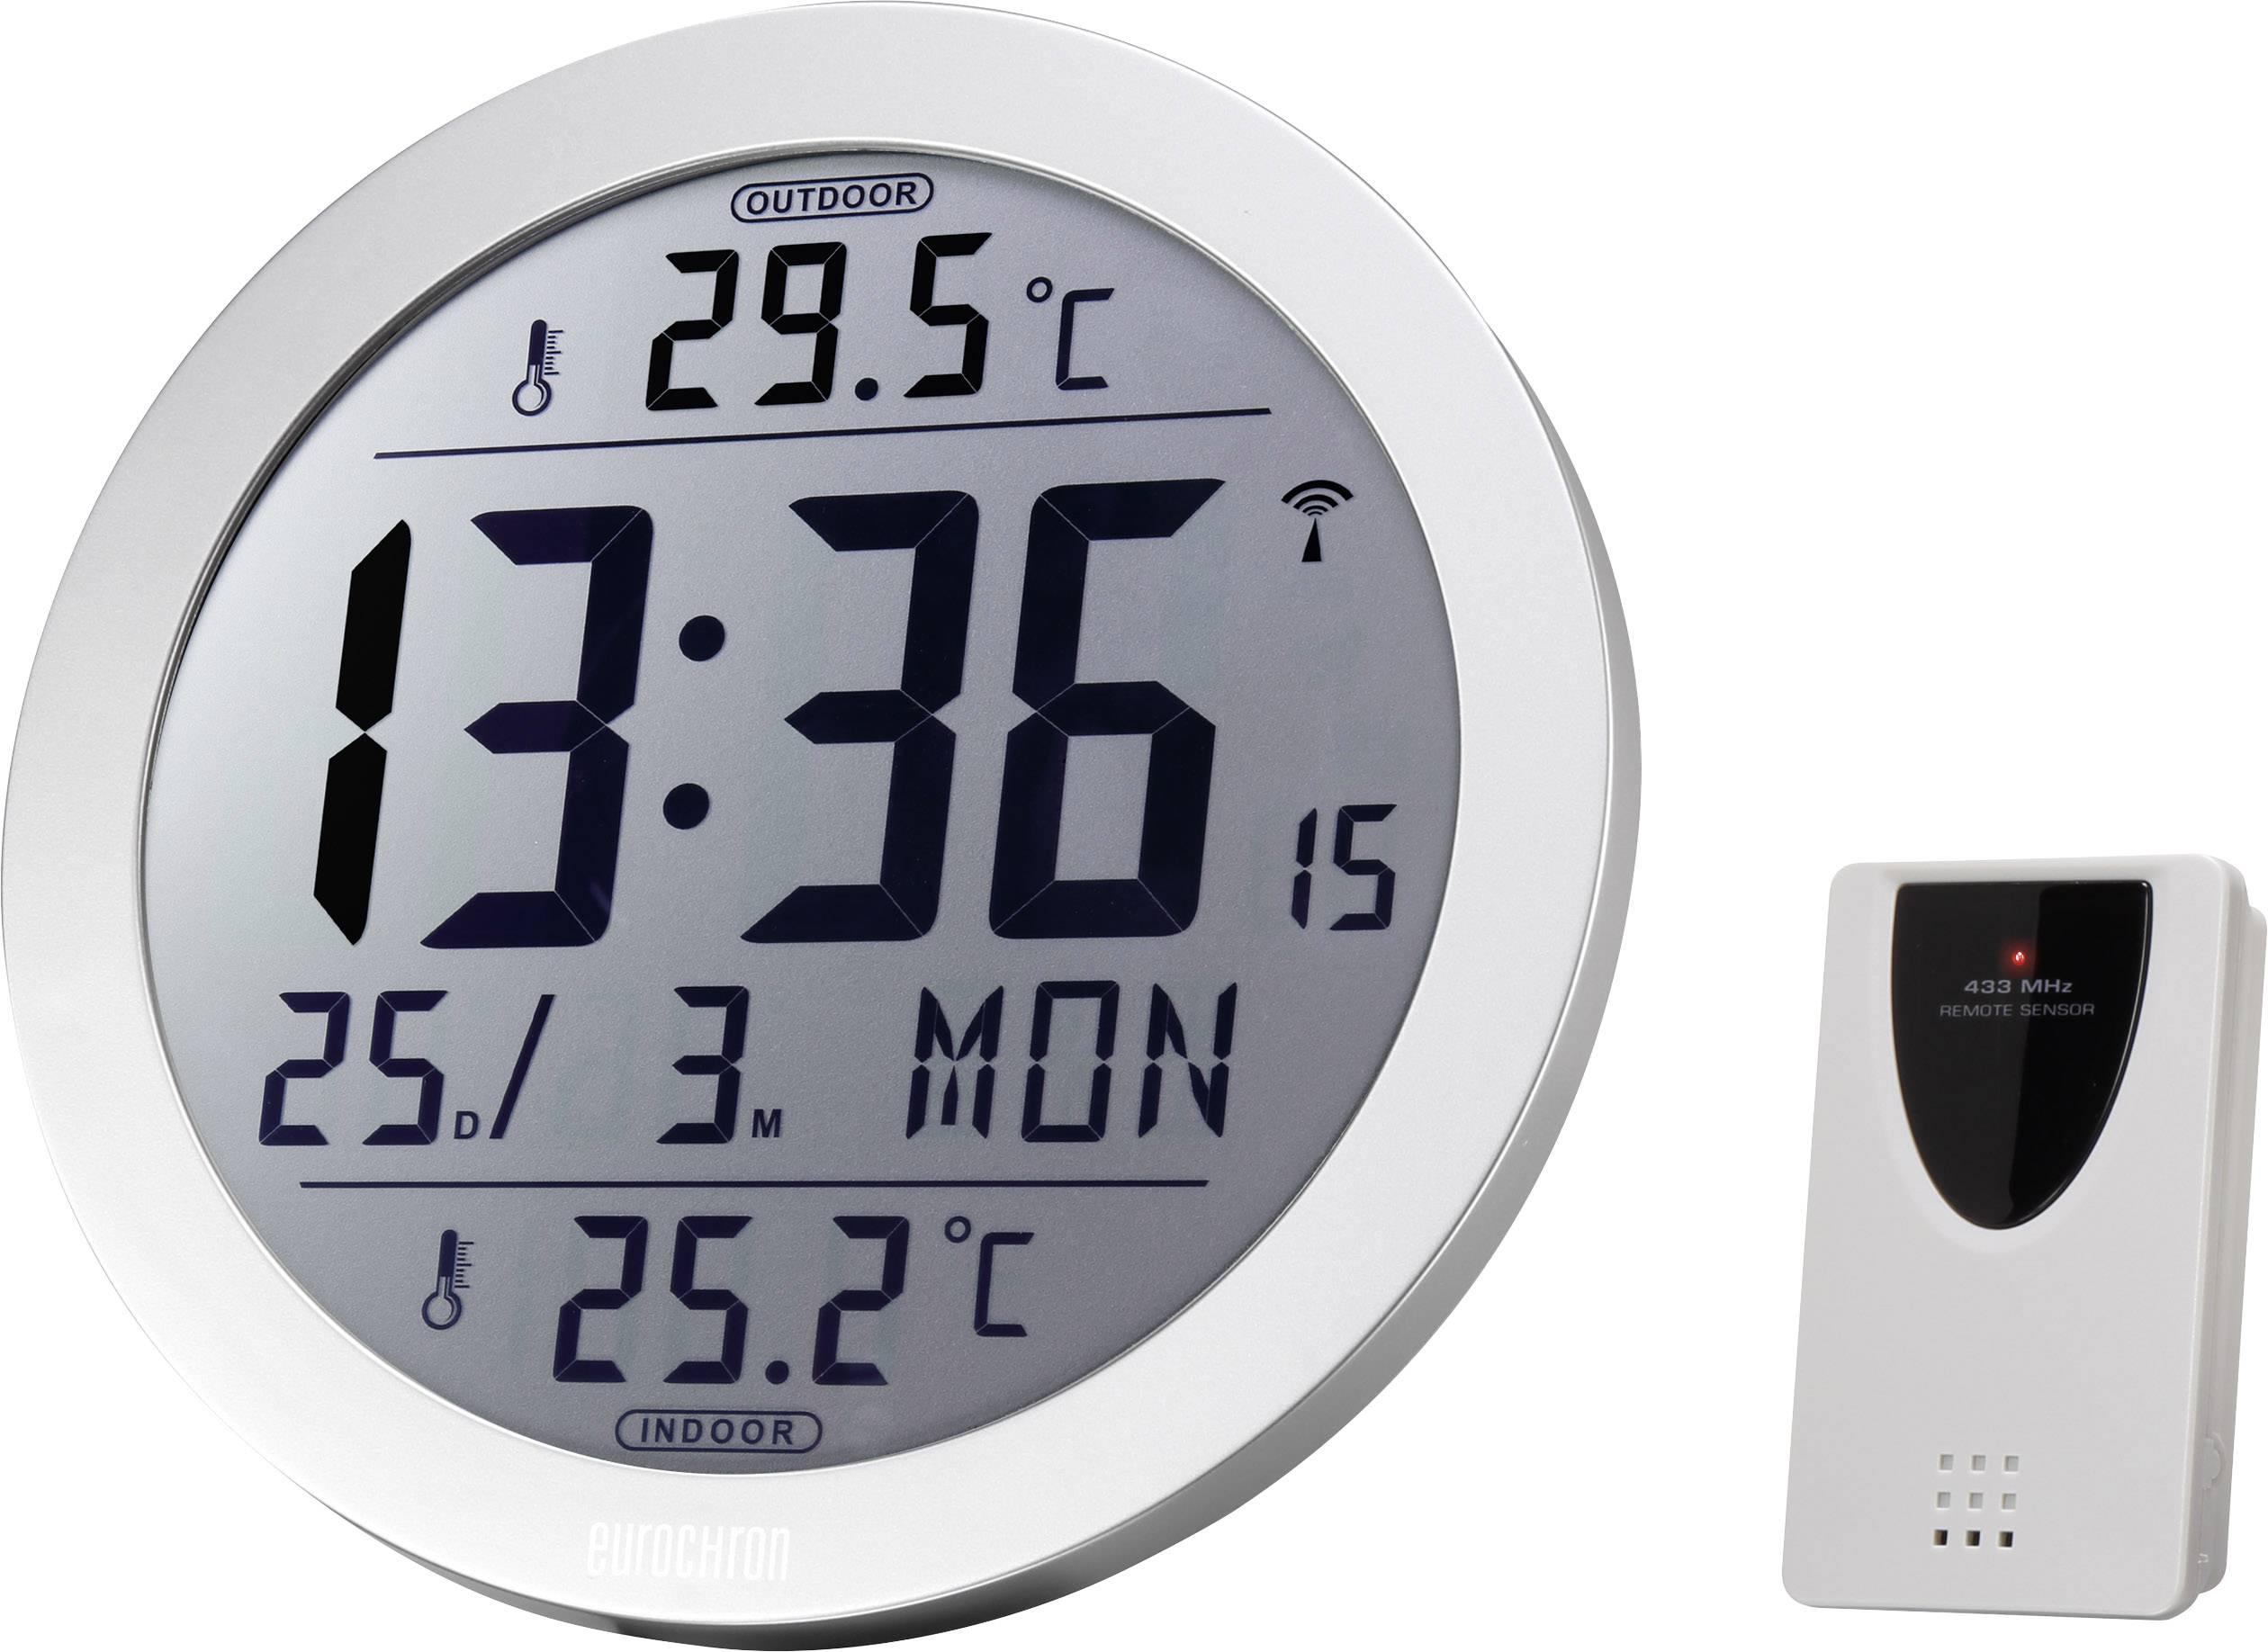 DCF nástenné hodiny Eurochron EFW 4001 EFW 4001, vonkajší Ø 210 mm, strieborná